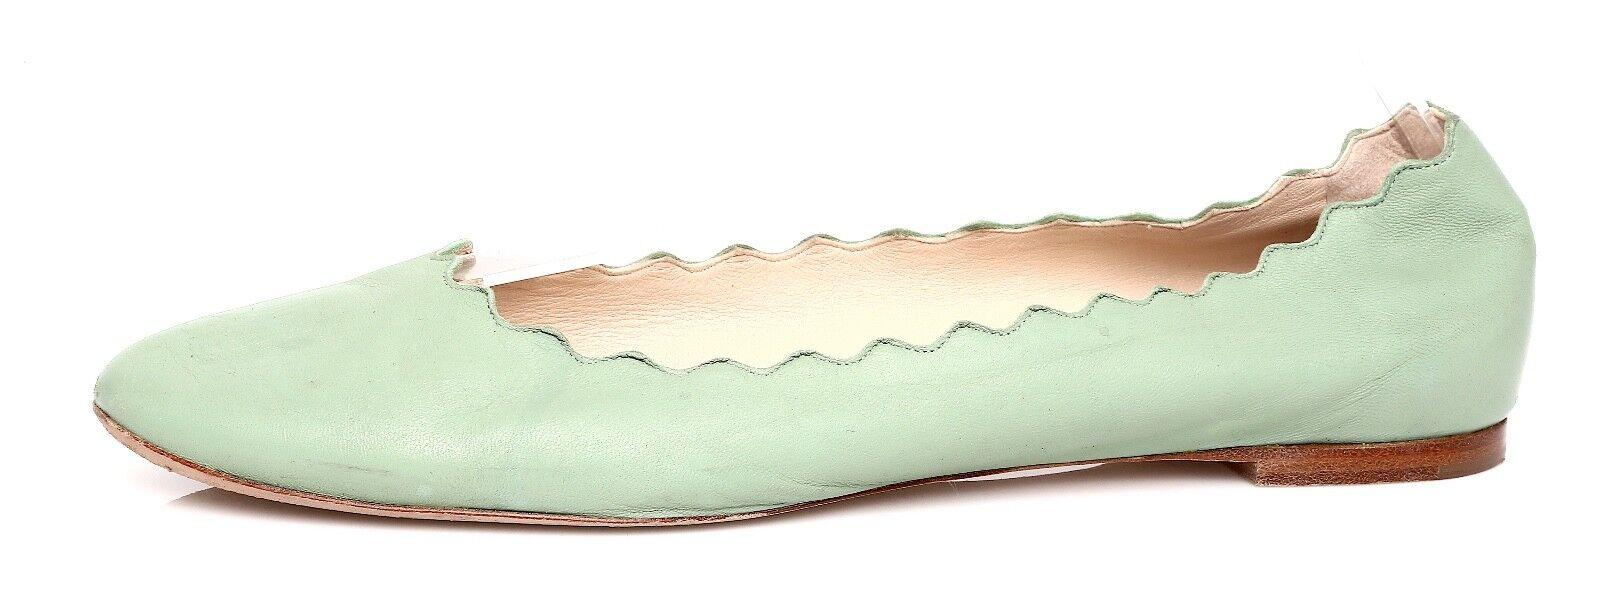 Chloe Lauren festoneado Ballet Cuero Plano verde verde verde Mujeres Talla 40.5 EUR 1510  almacén al por mayor